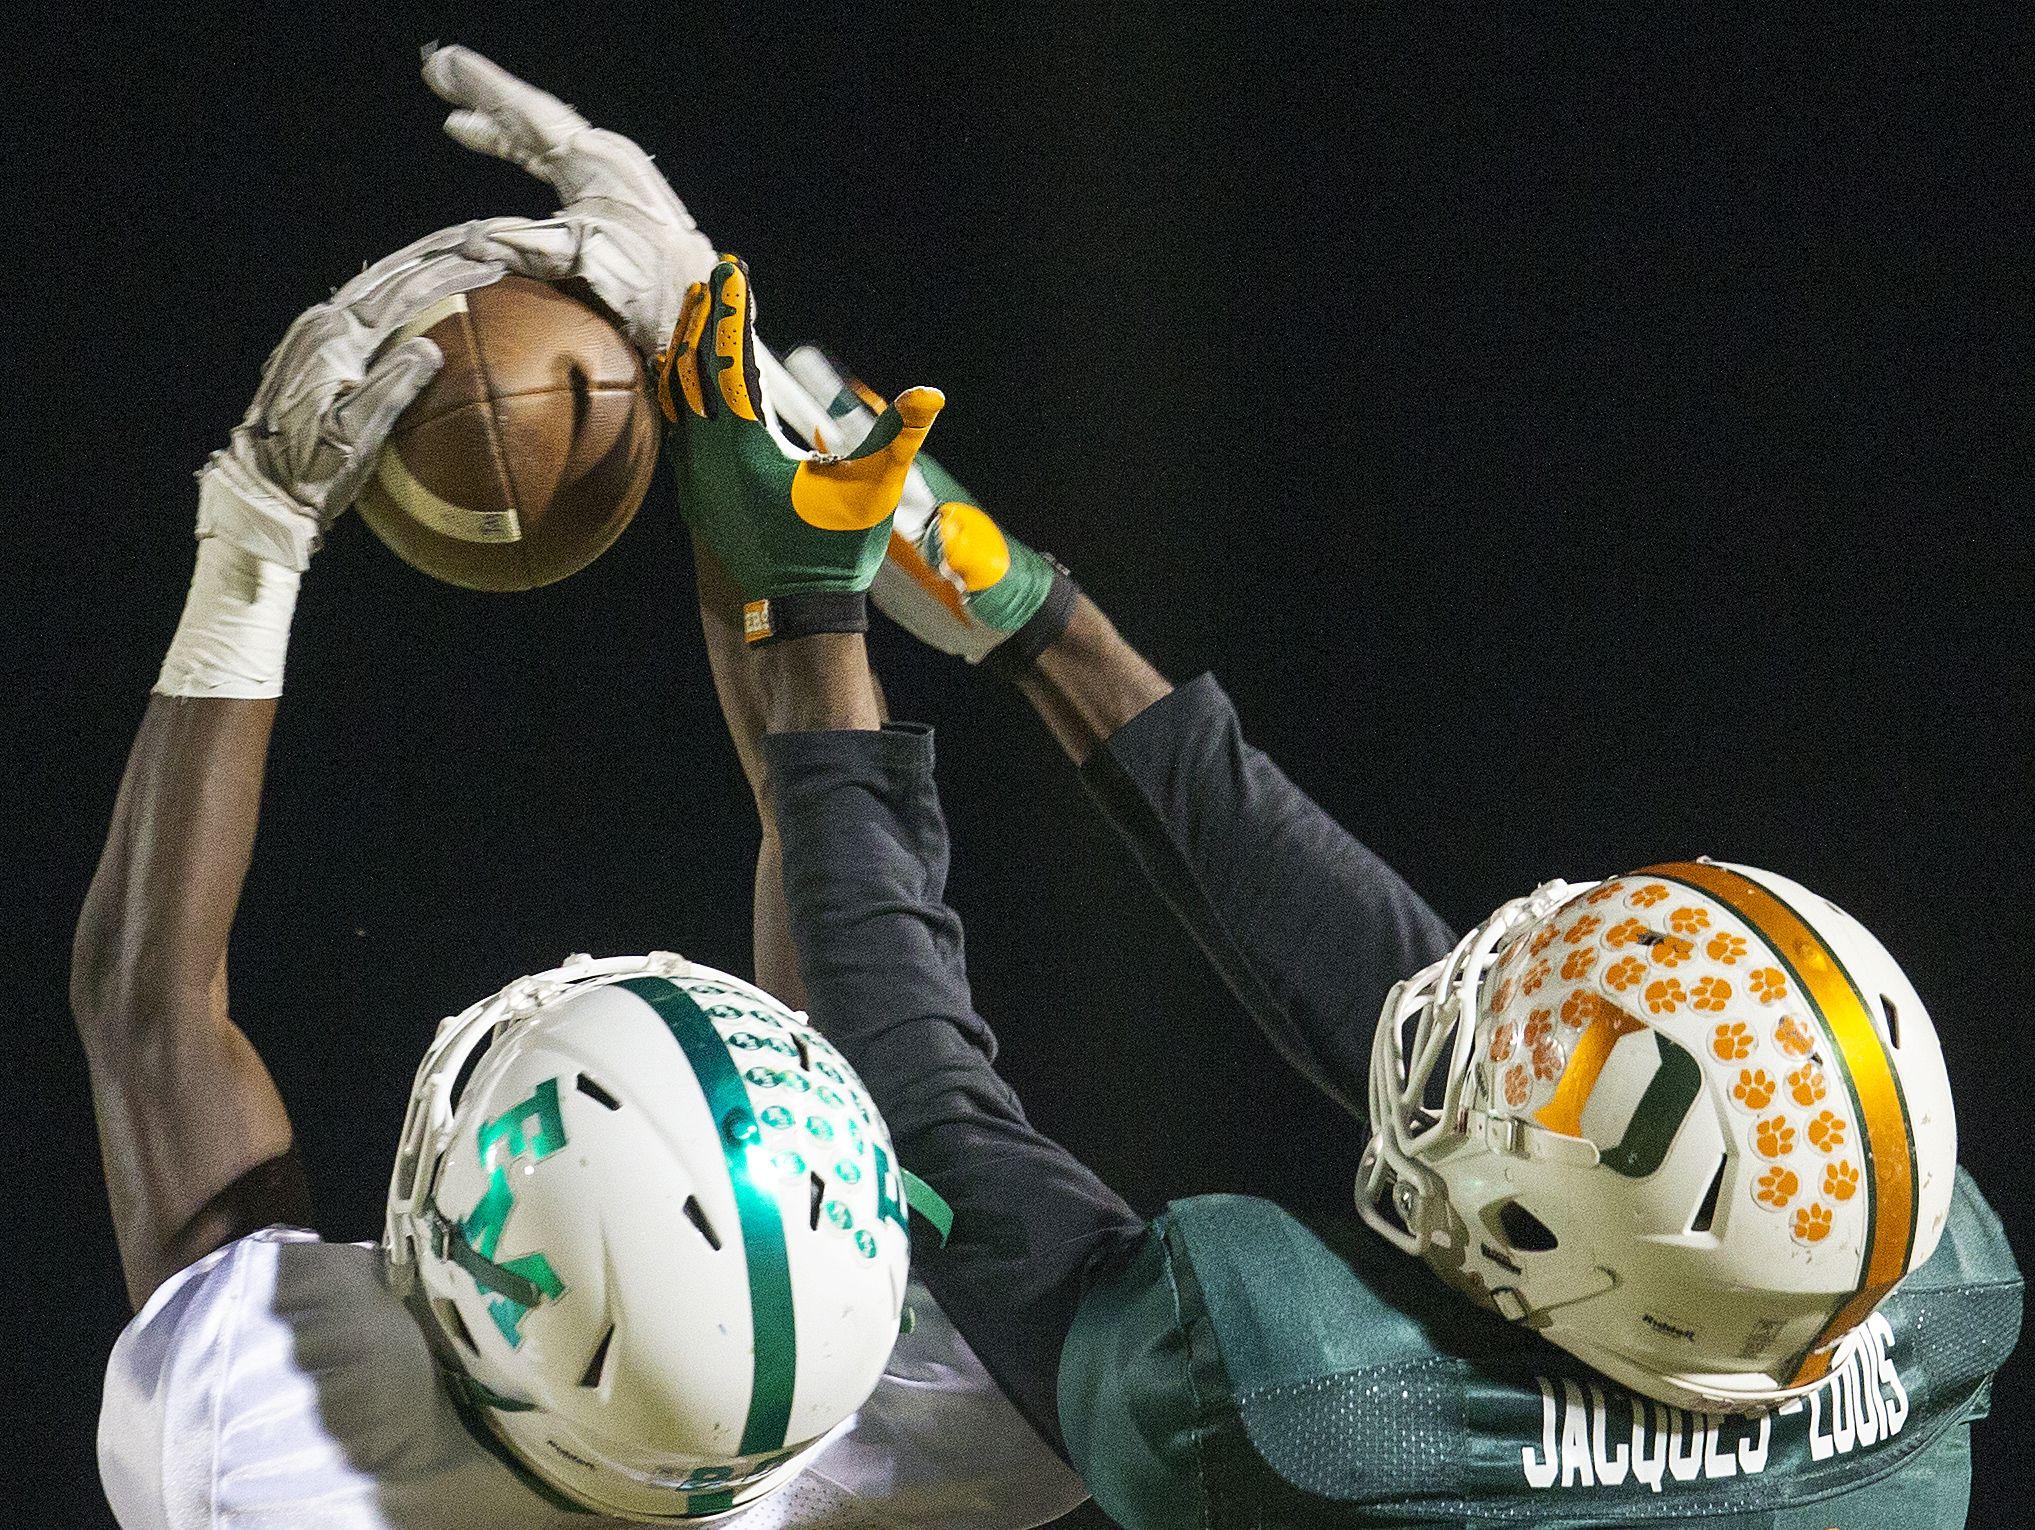 Fort Myers High School's Milan Tucker, left, intercepts a pass against Dunbar during first quarter play Friday at Dunbar High School in Fort Myers. Dunbar beat Fort Myers 29-21.